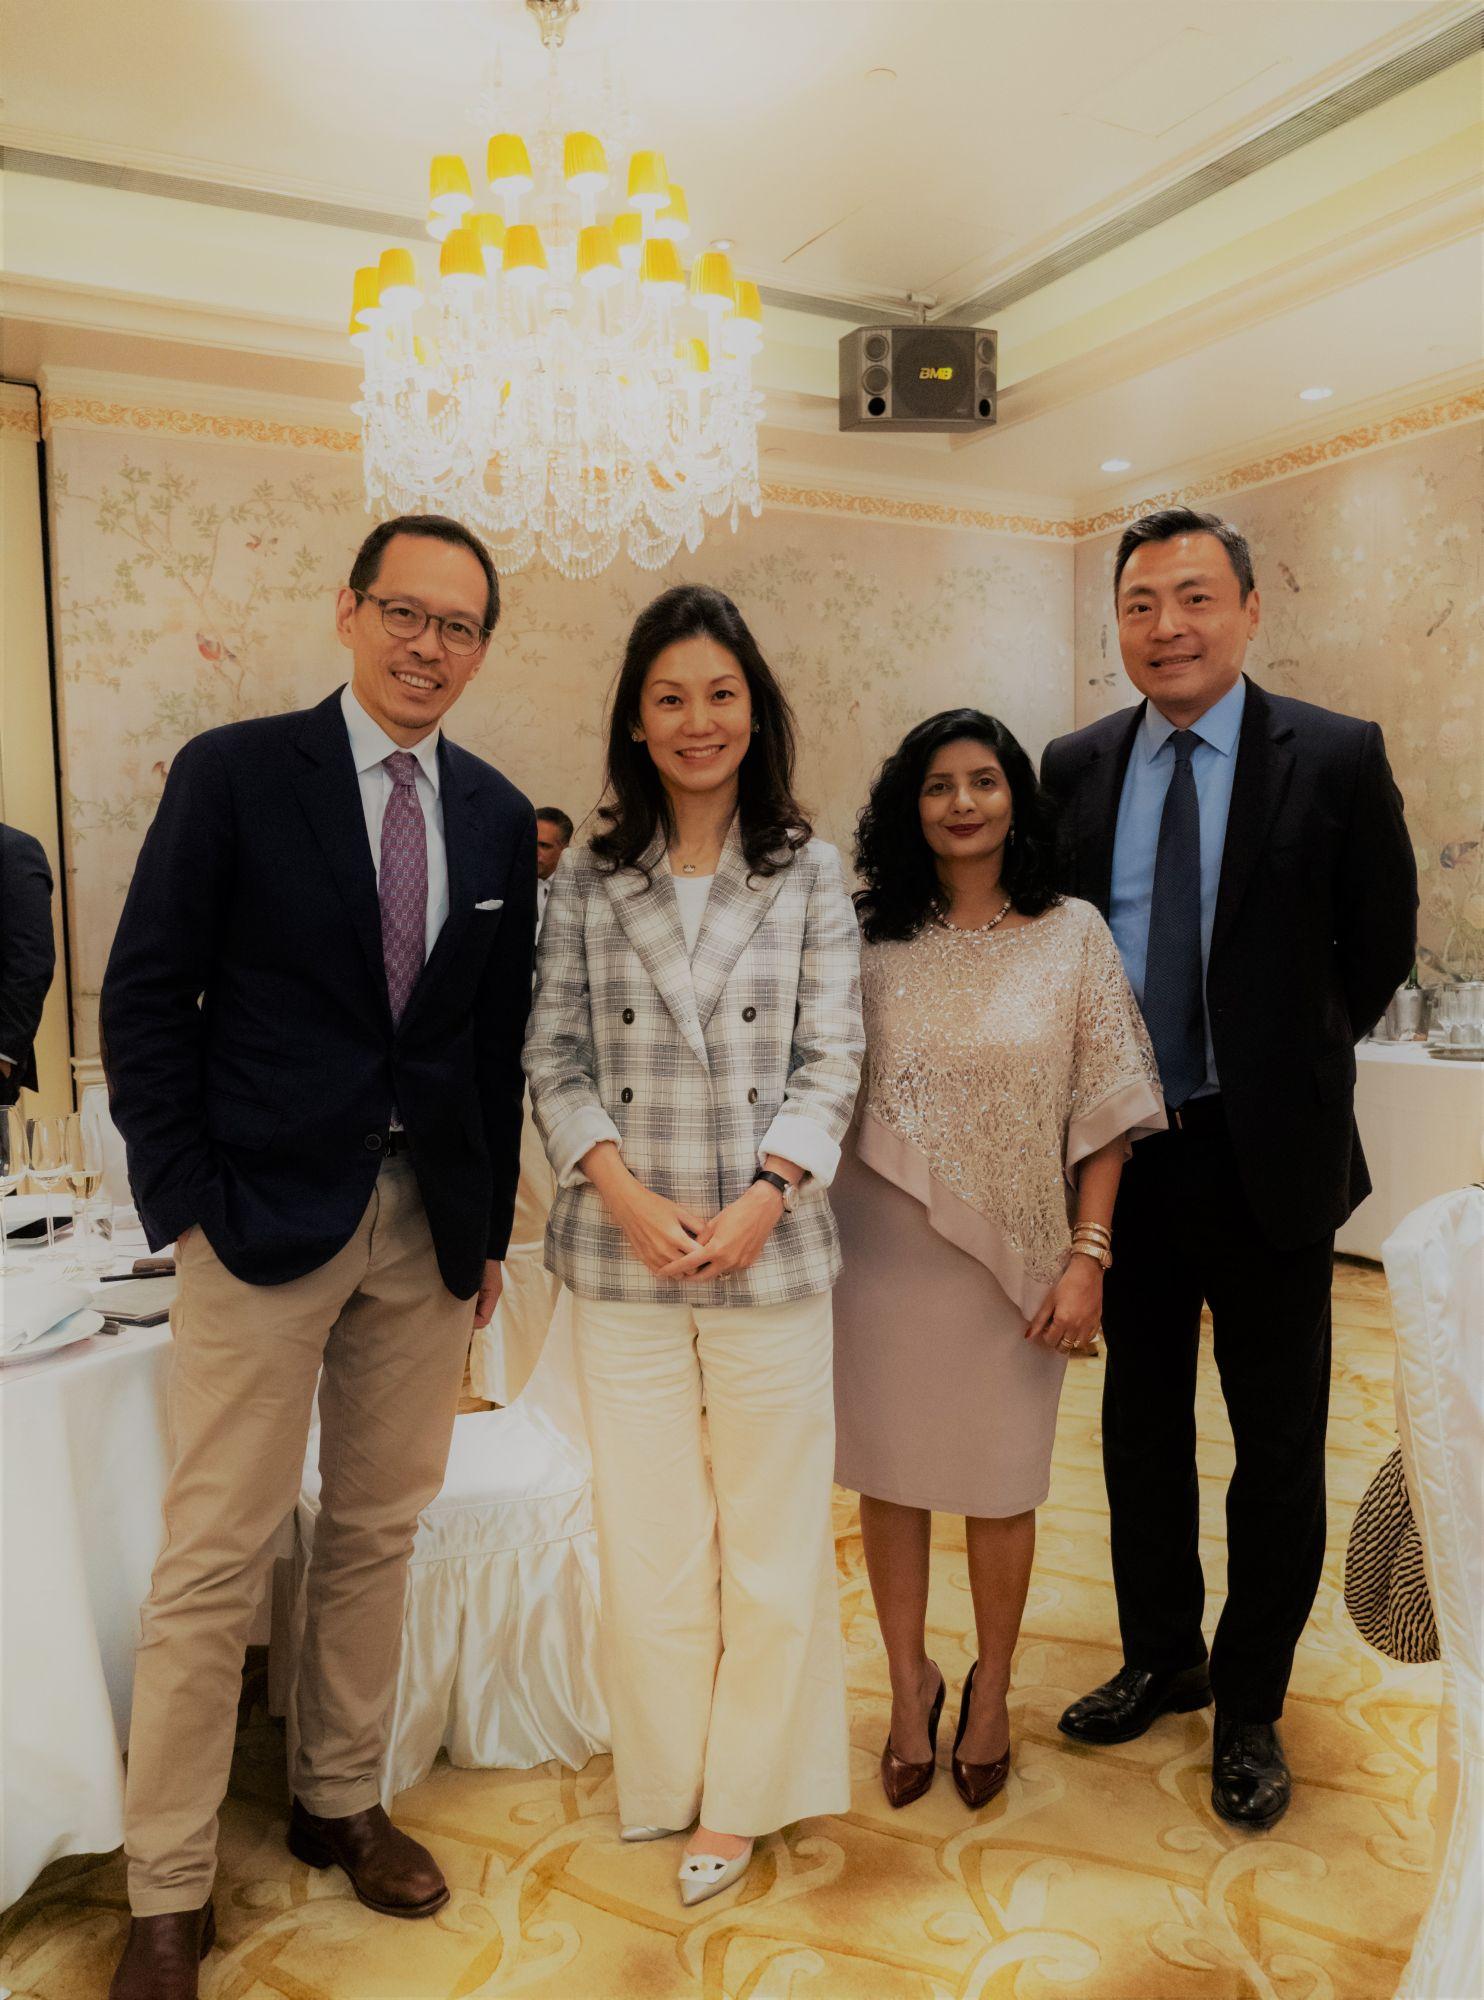 Jonathan Cheng, Christina Gaw, Aradhna Dayal and Kevin Lam